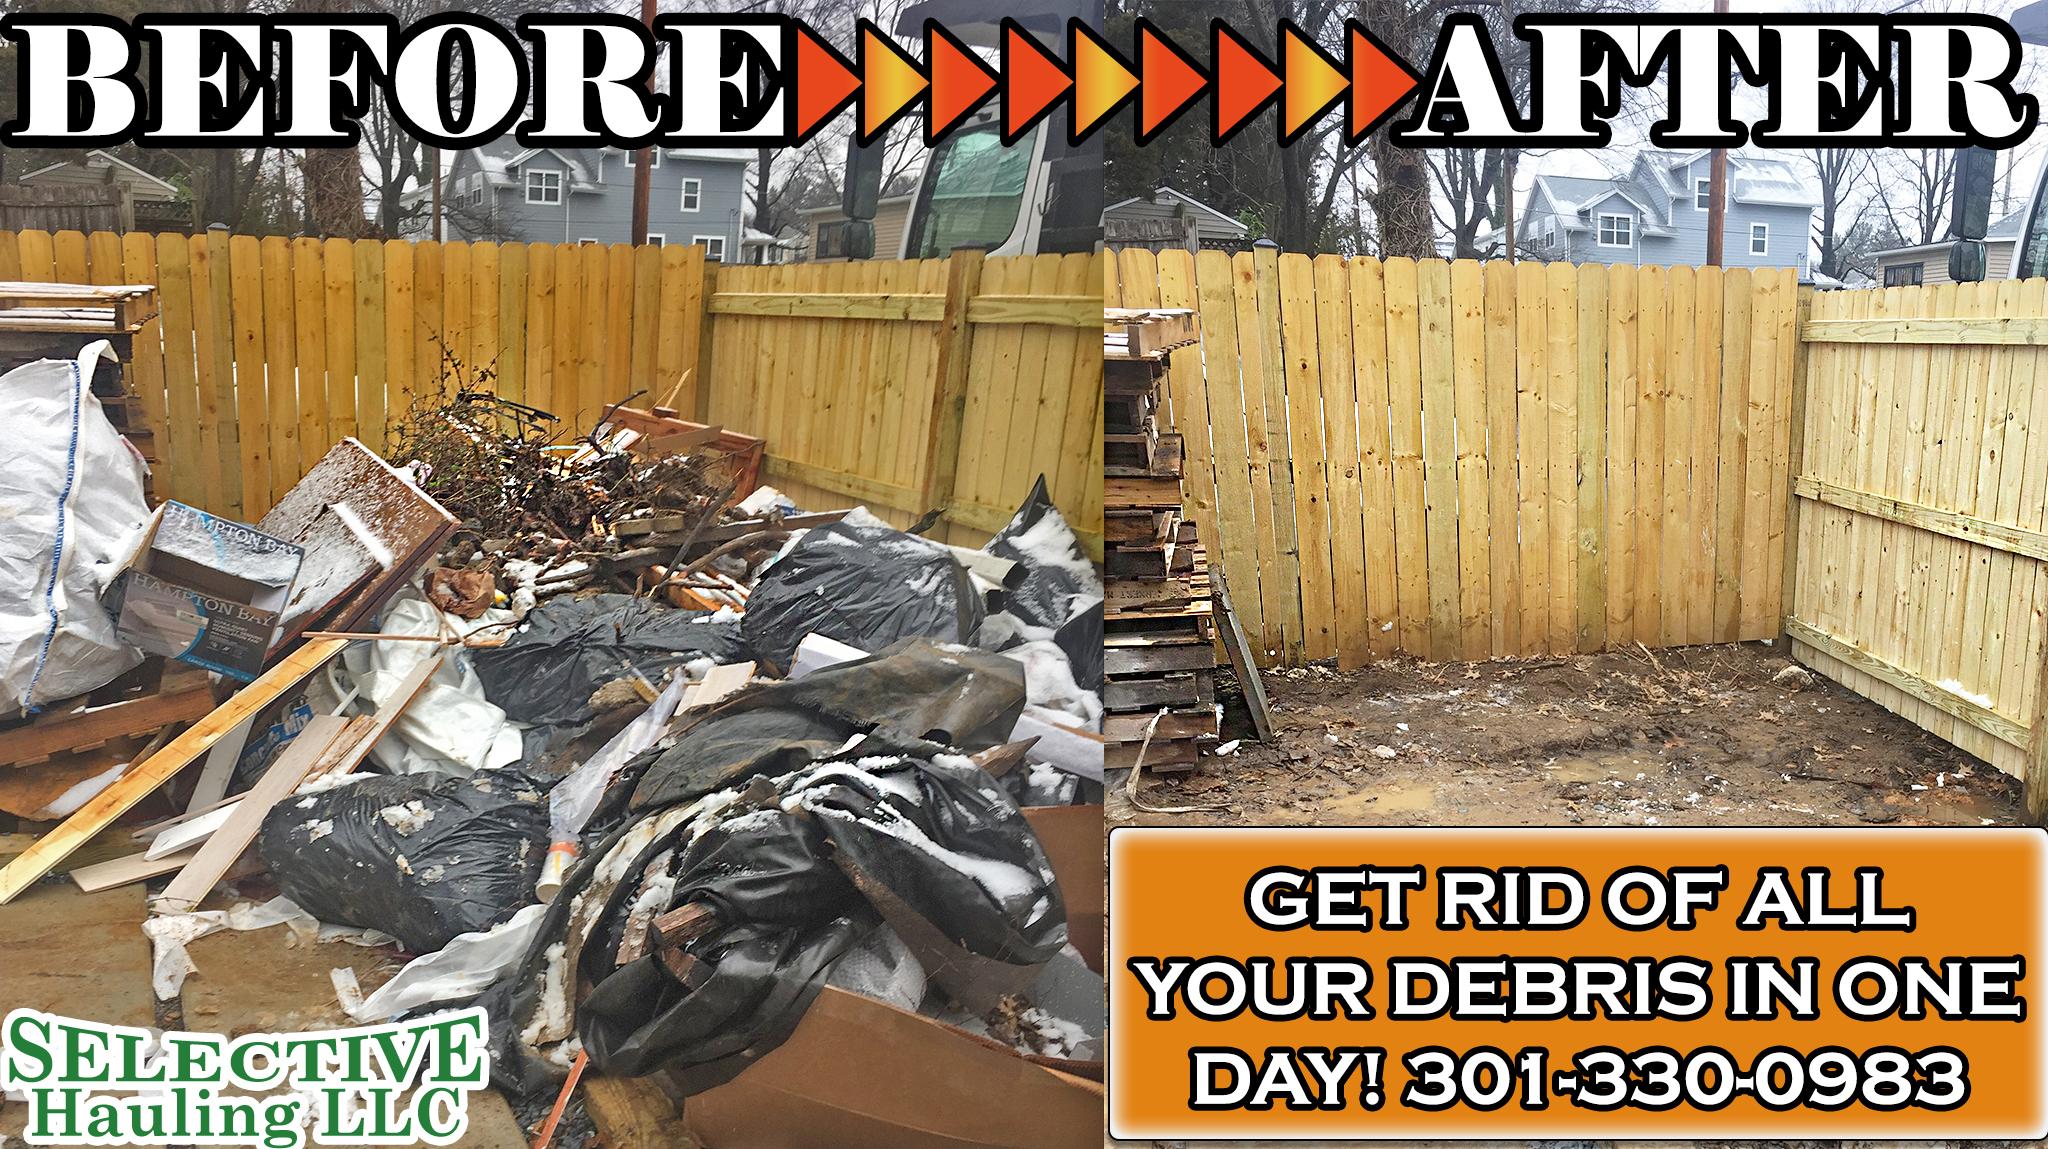 junk removal service Manassas VA